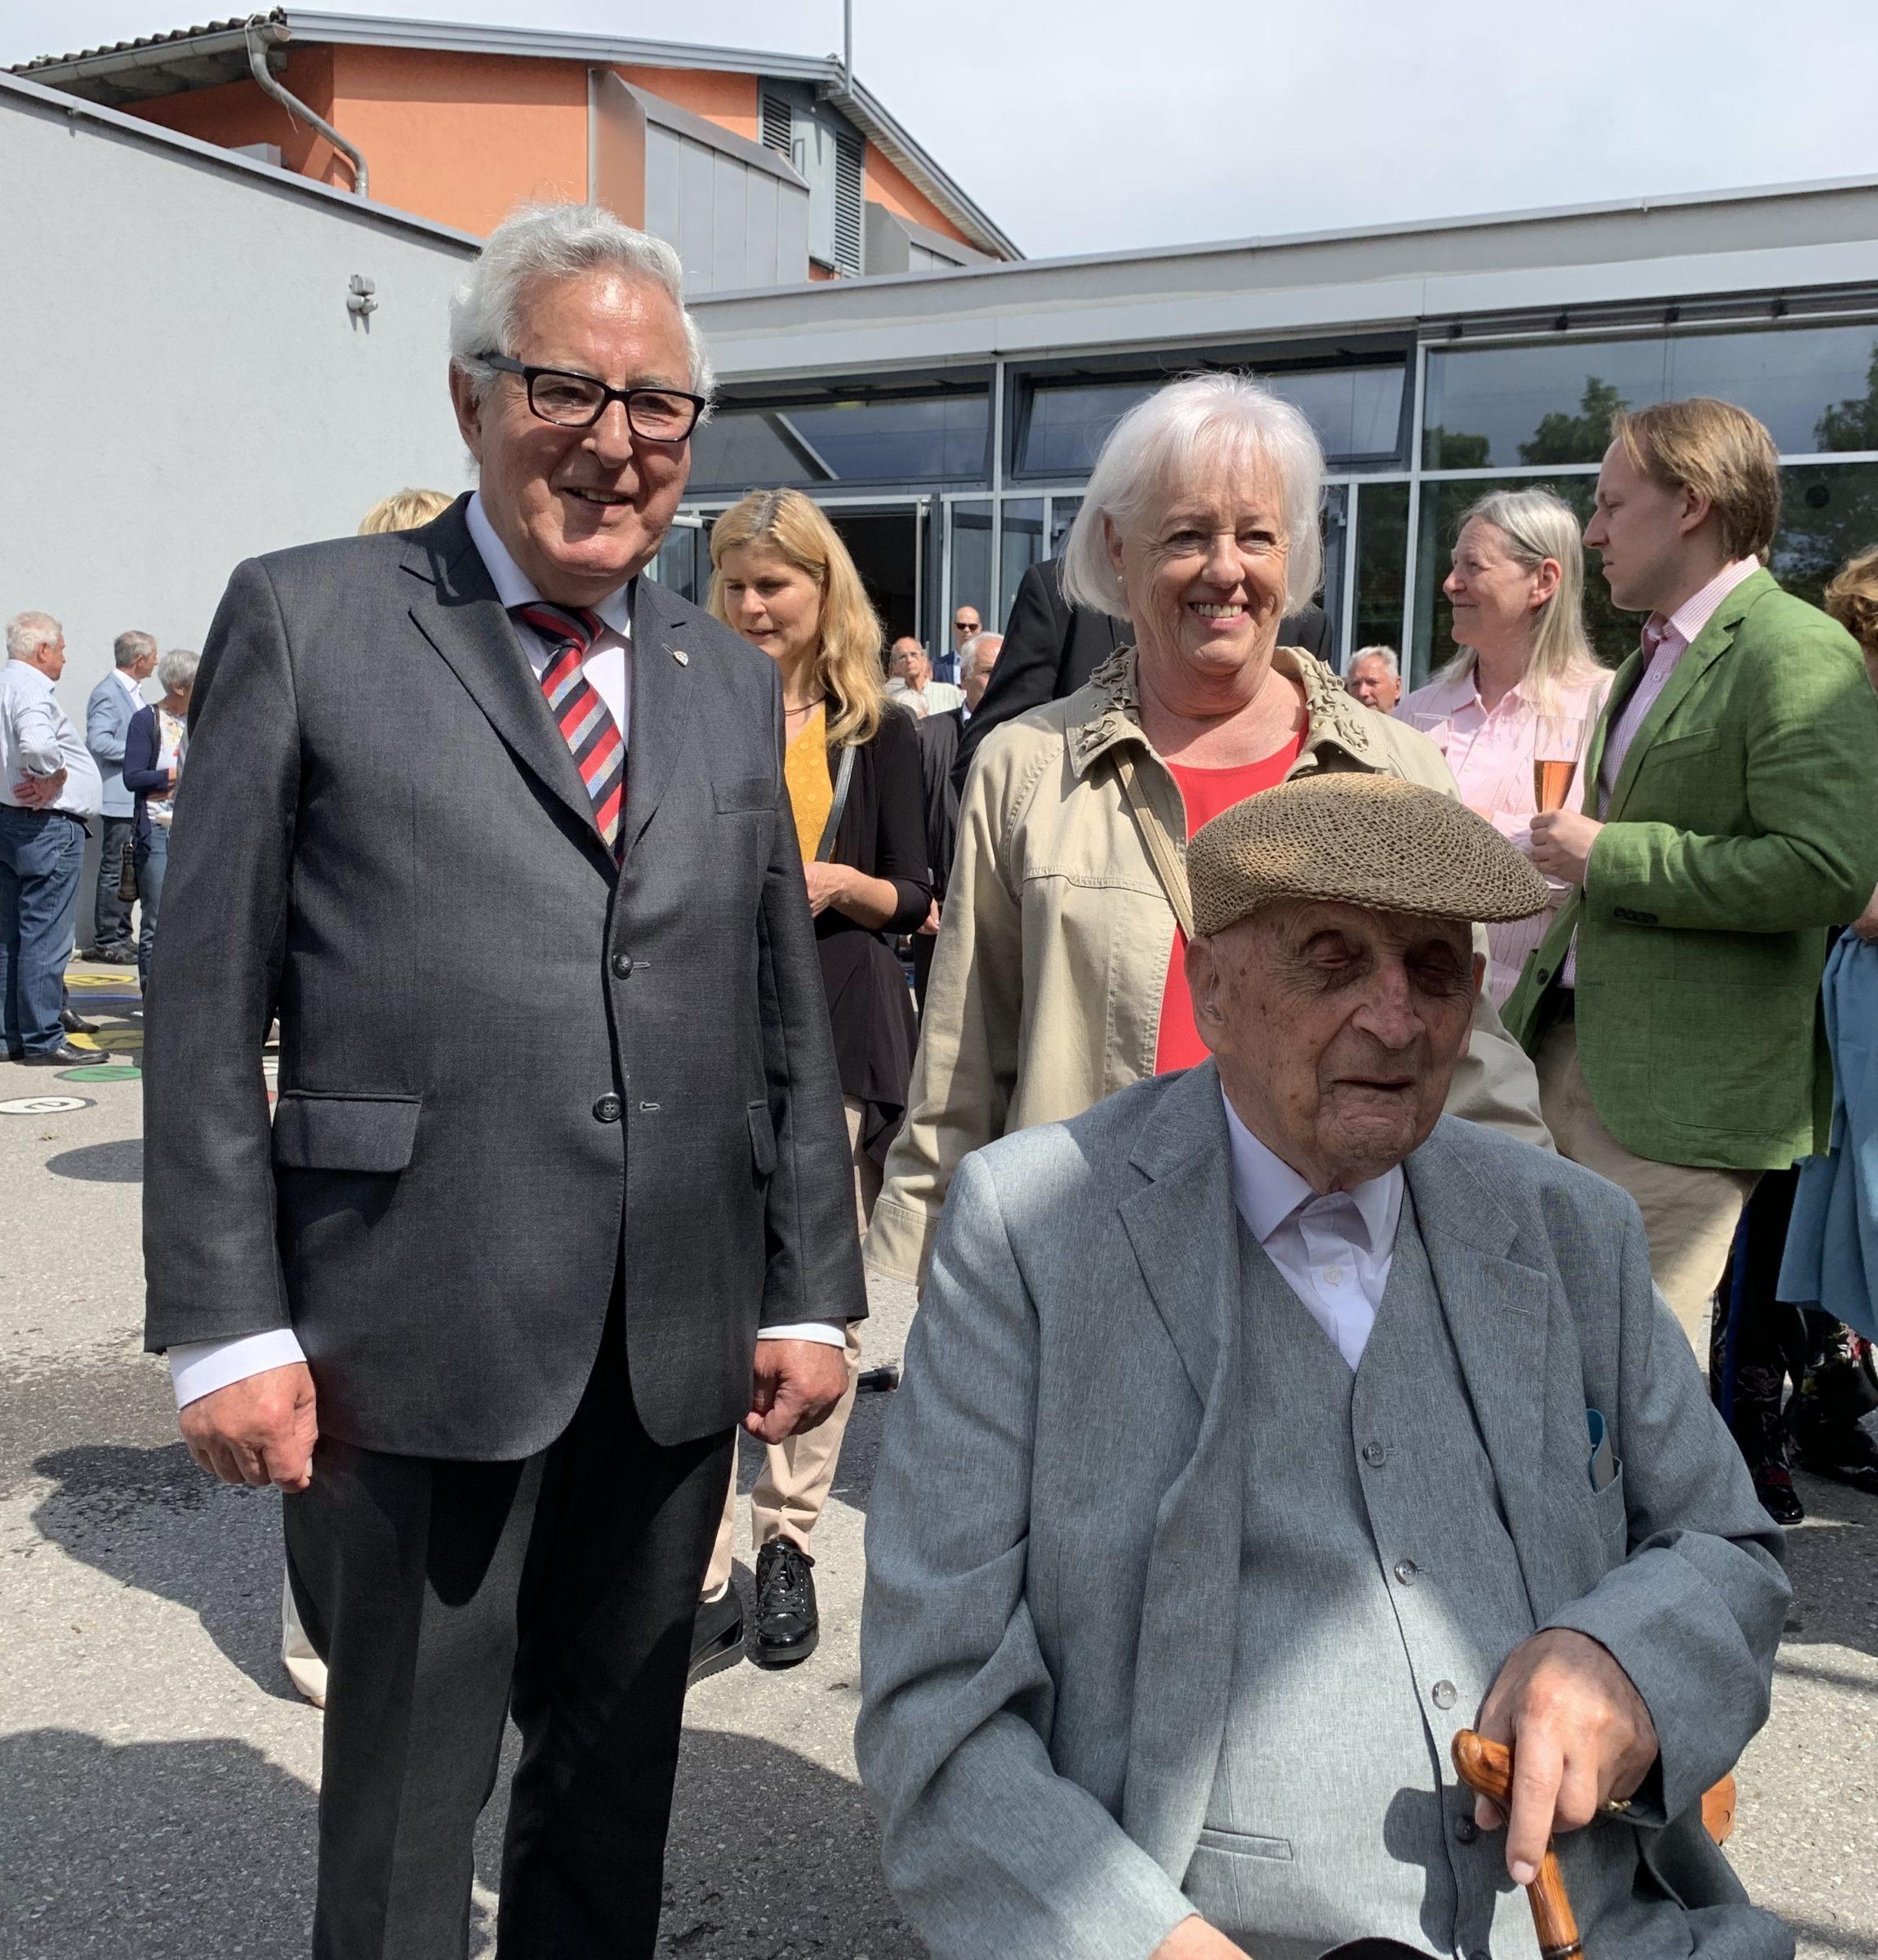 Gesund 100 Jahre alt zu werden ist Trumpf – Eugen Bawart von Sulz feiert seinen hundertsten Geburtstag